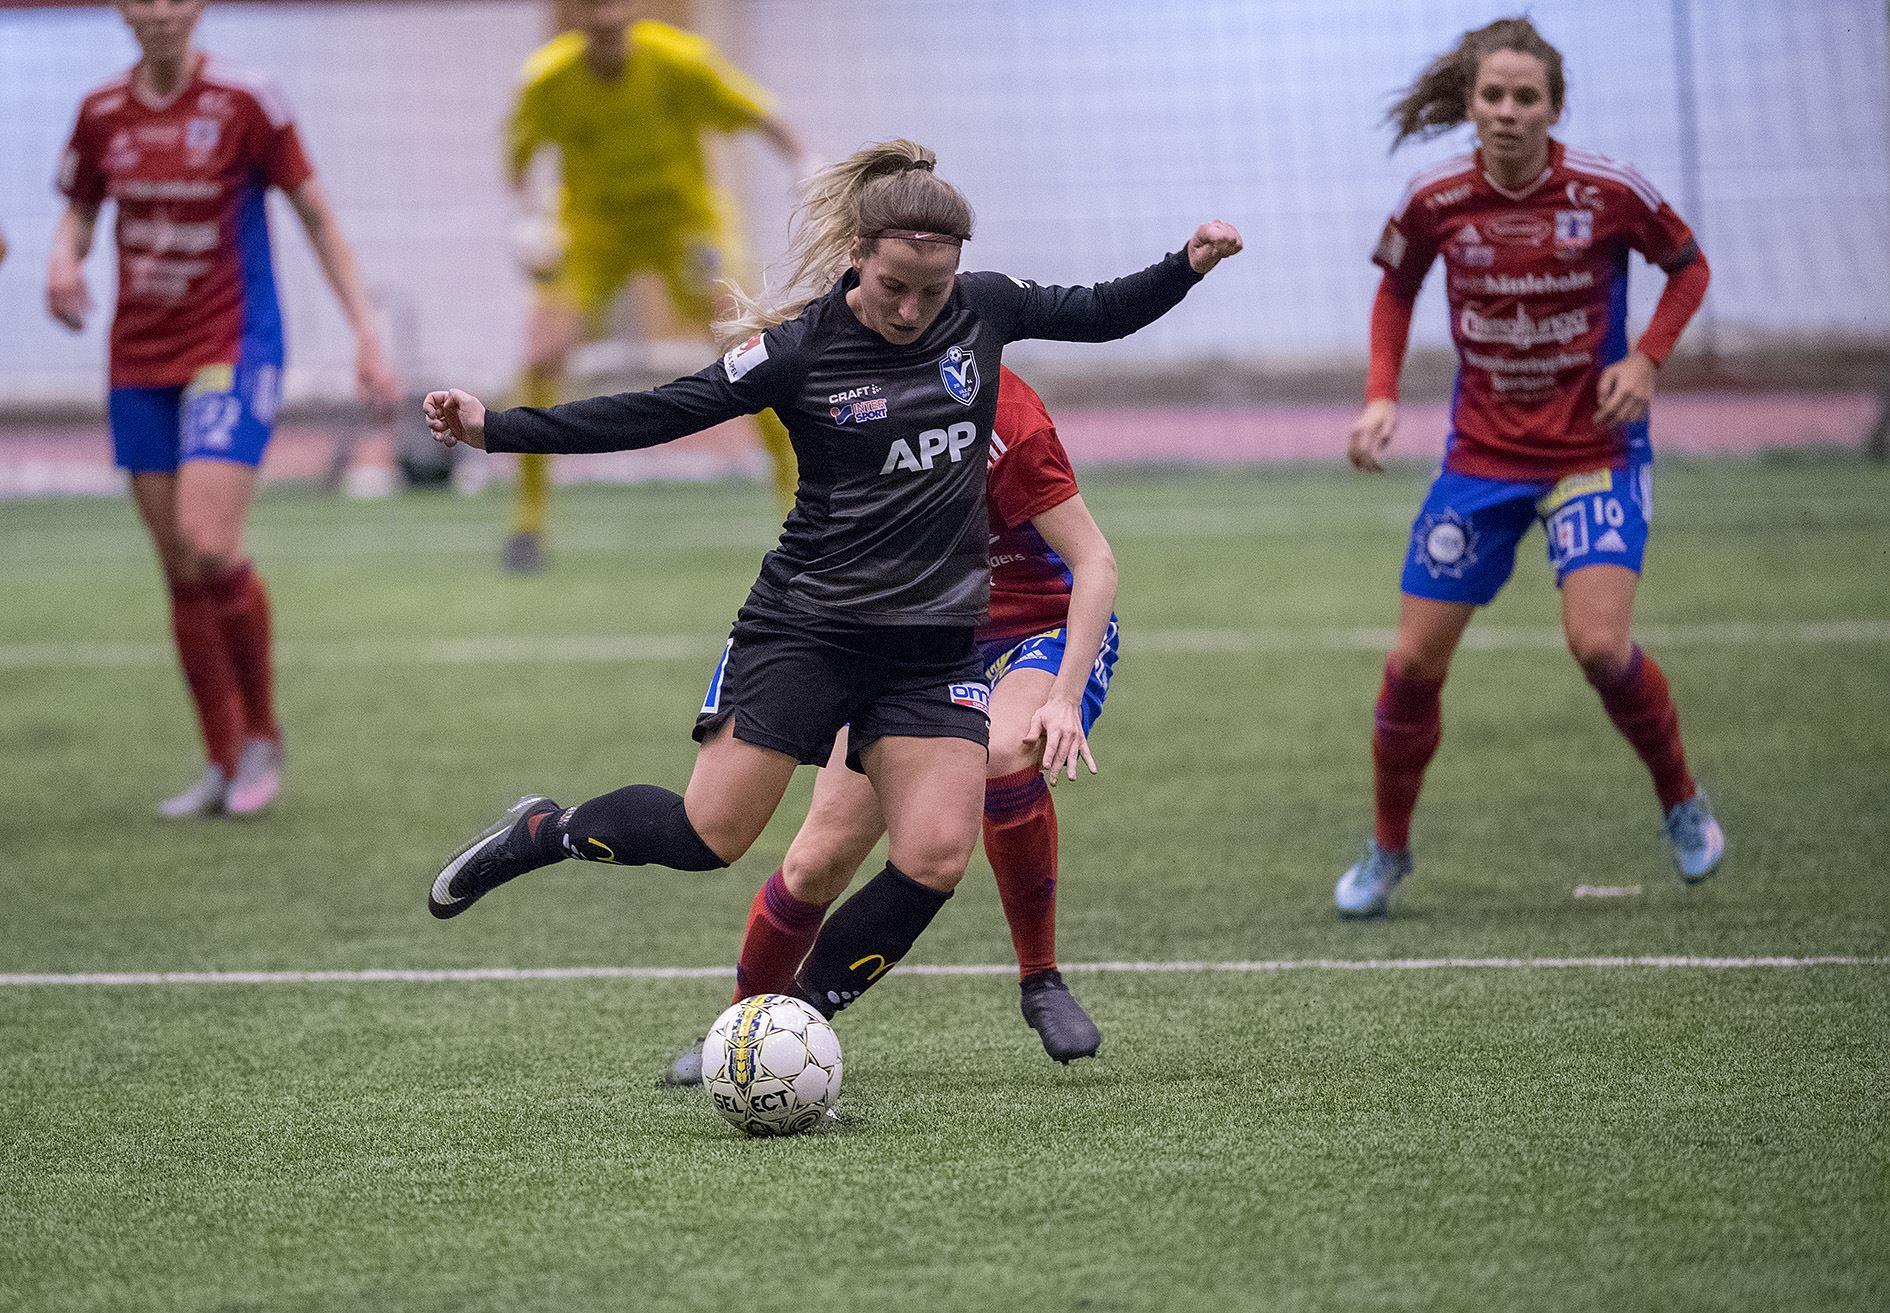 Fotboll: Växjö DFF - Vittsjö GIK